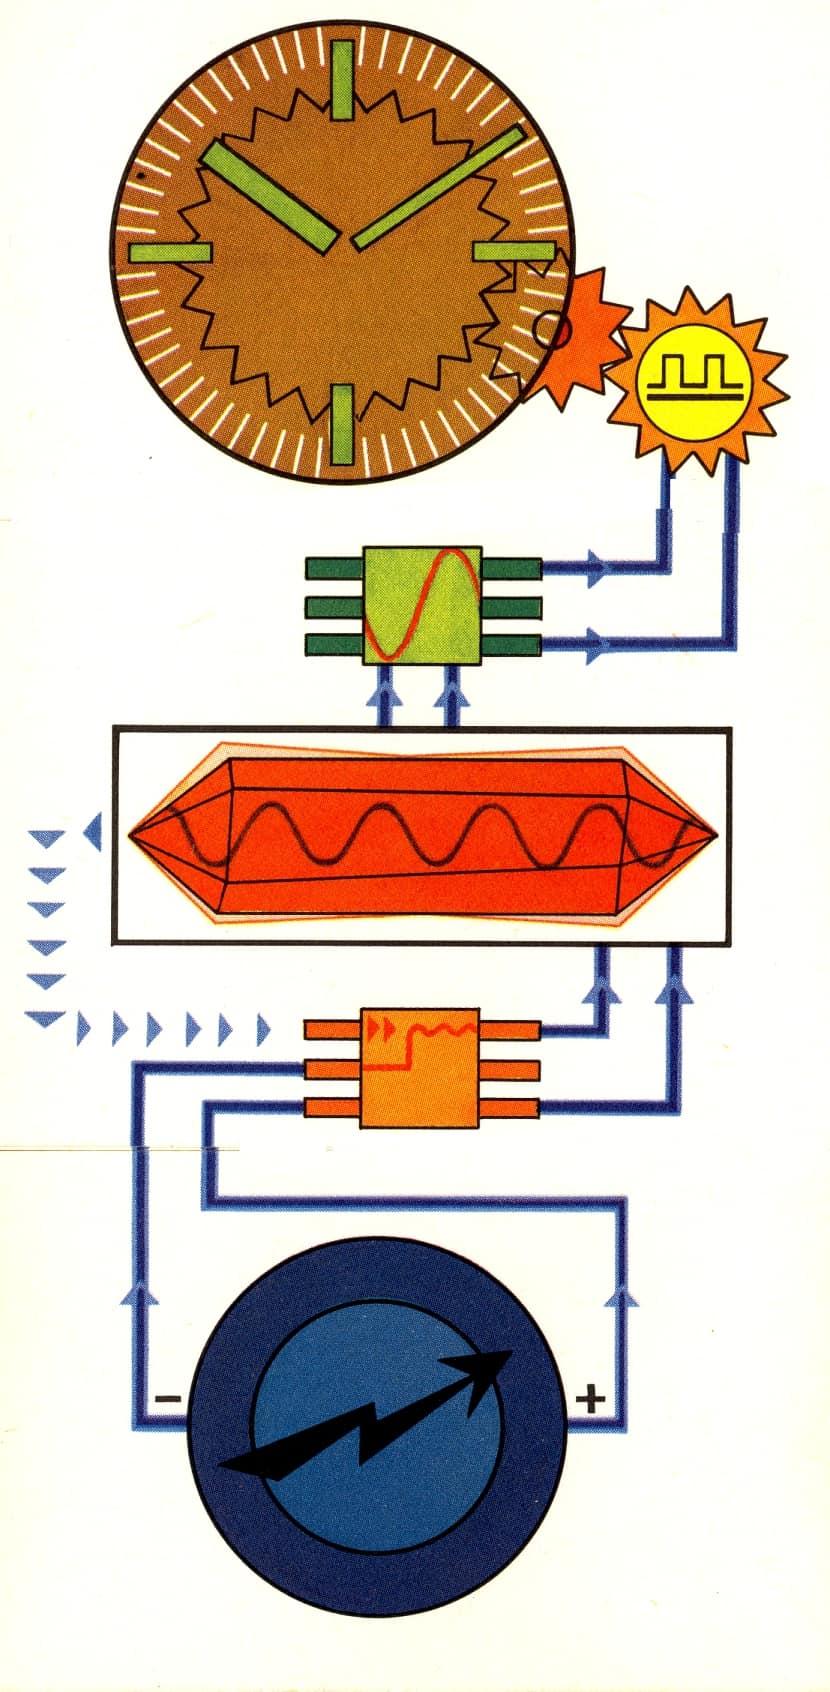 Das Schaubild und Funktionsschema eines analogen Quarzwerks